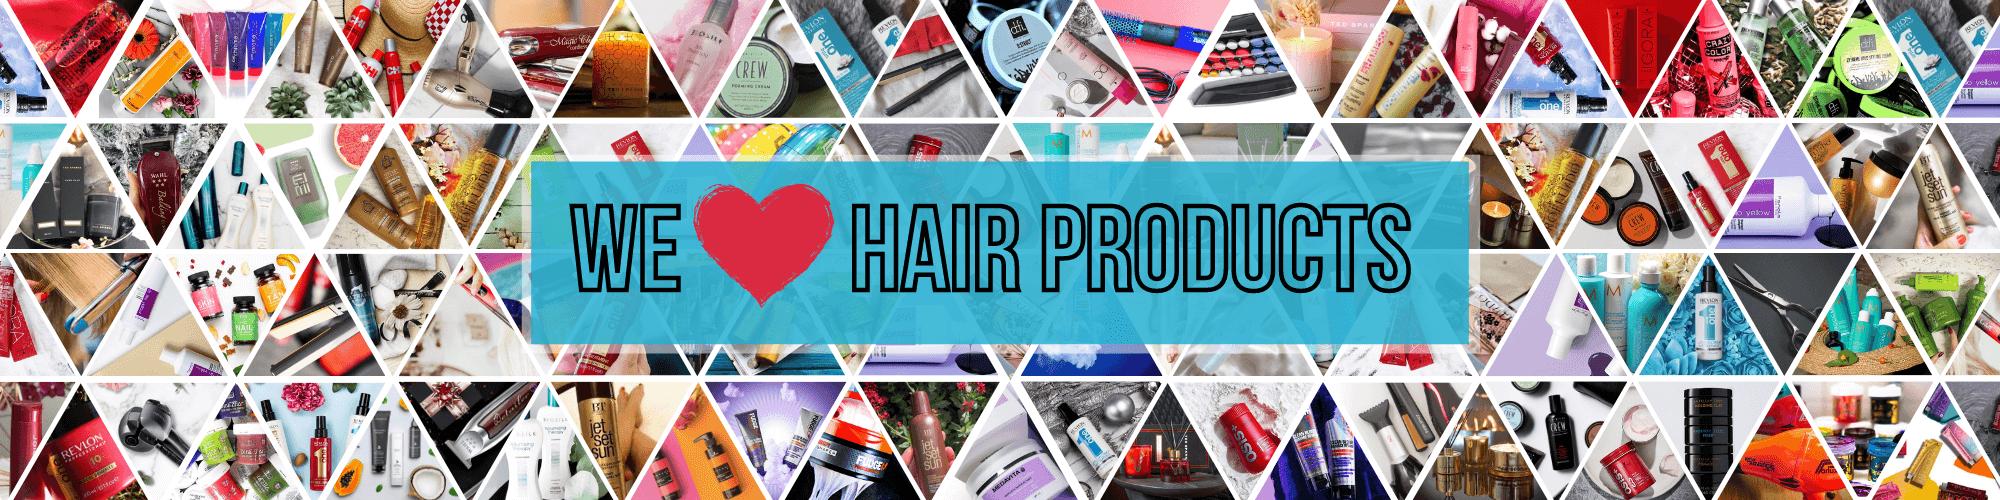 ¡Bienvenido/a a tu tienda favorita de productos de belleza! banner 1